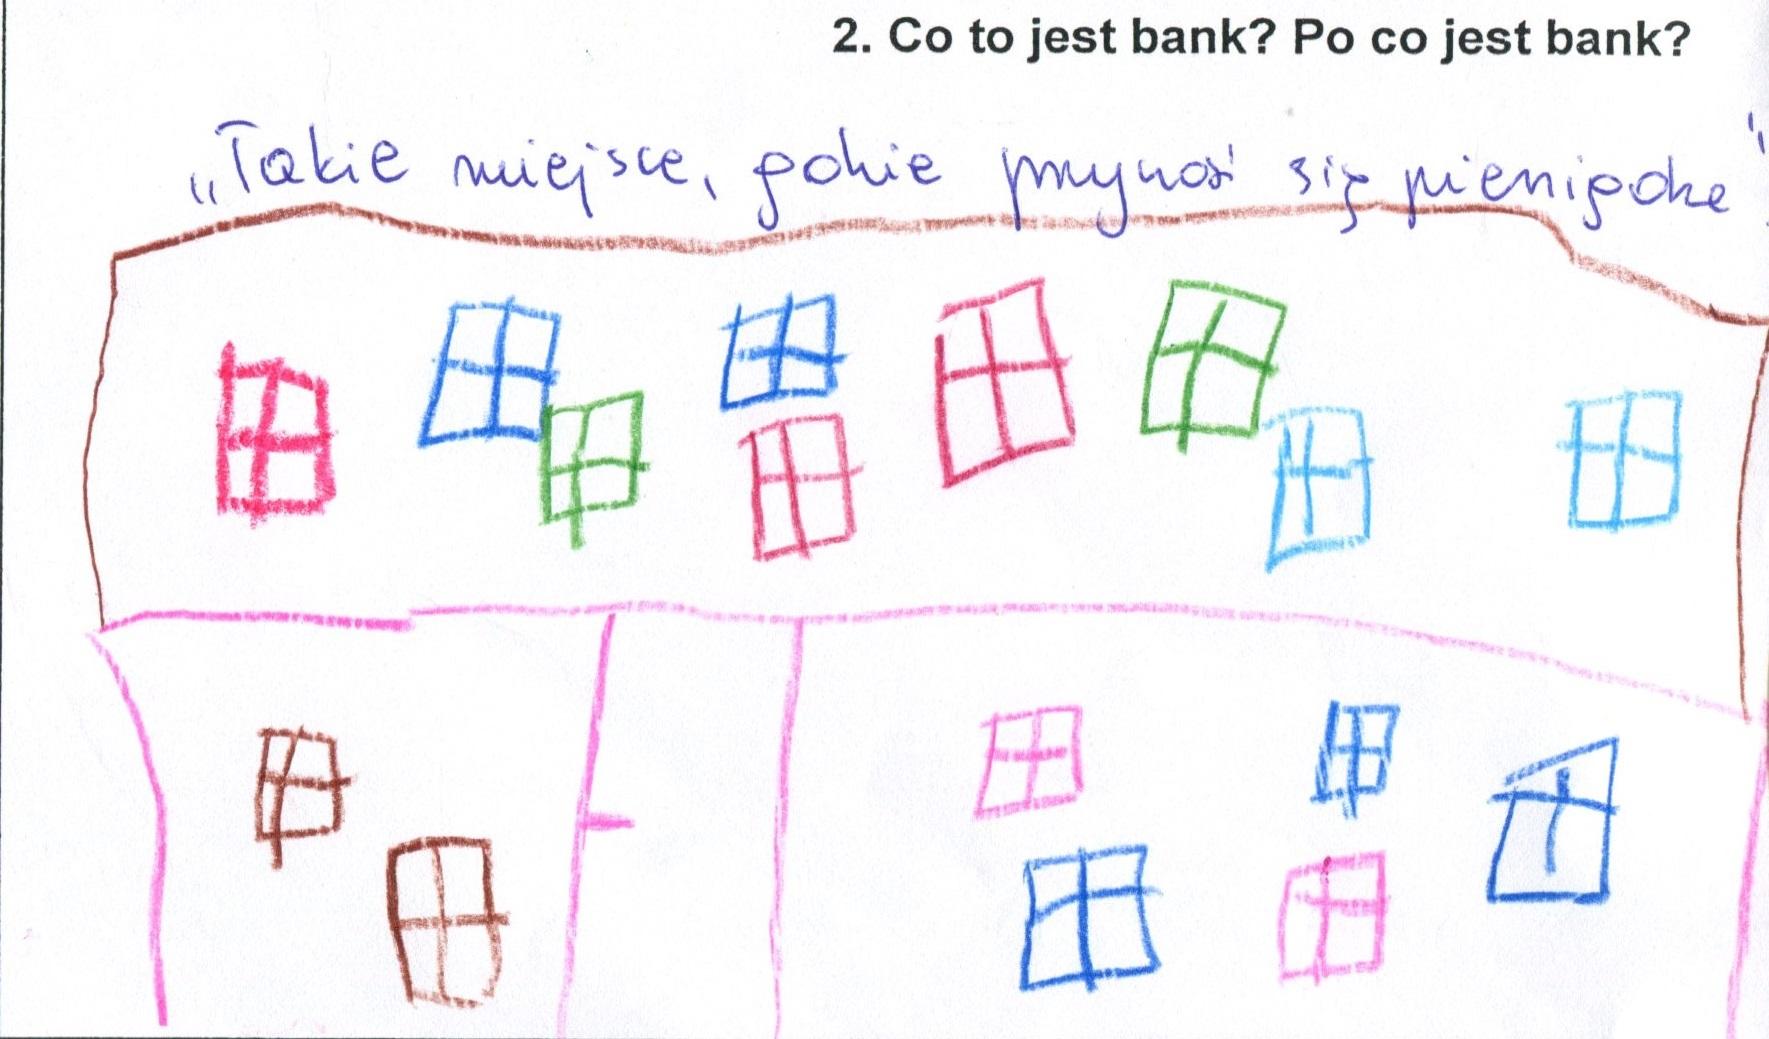 Bank_9